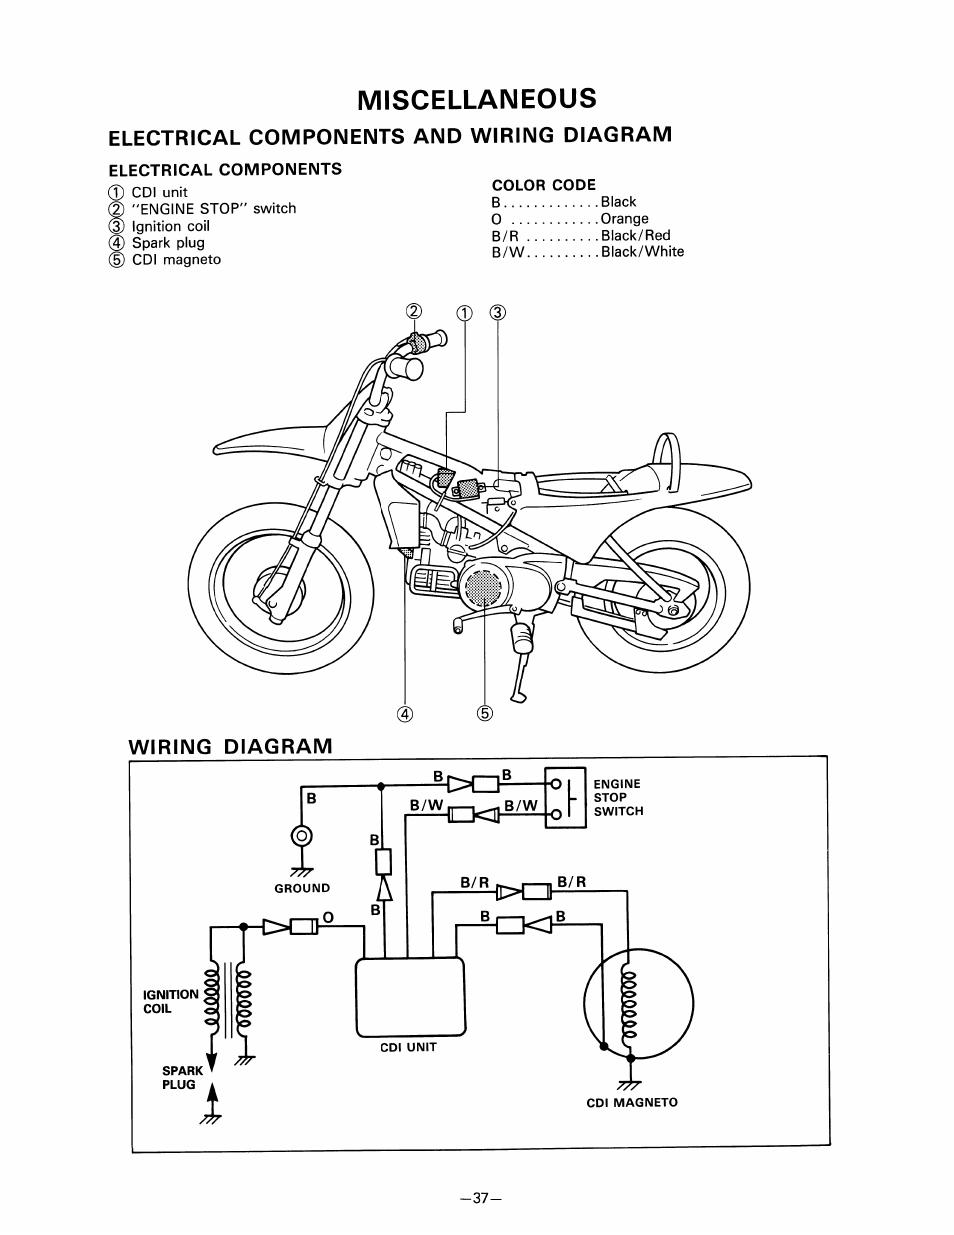 Stupendous Yamaha Cdi Wiring Diagram Basic Electronics Wiring Diagram Wiring Database Ittabxeroyuccorg